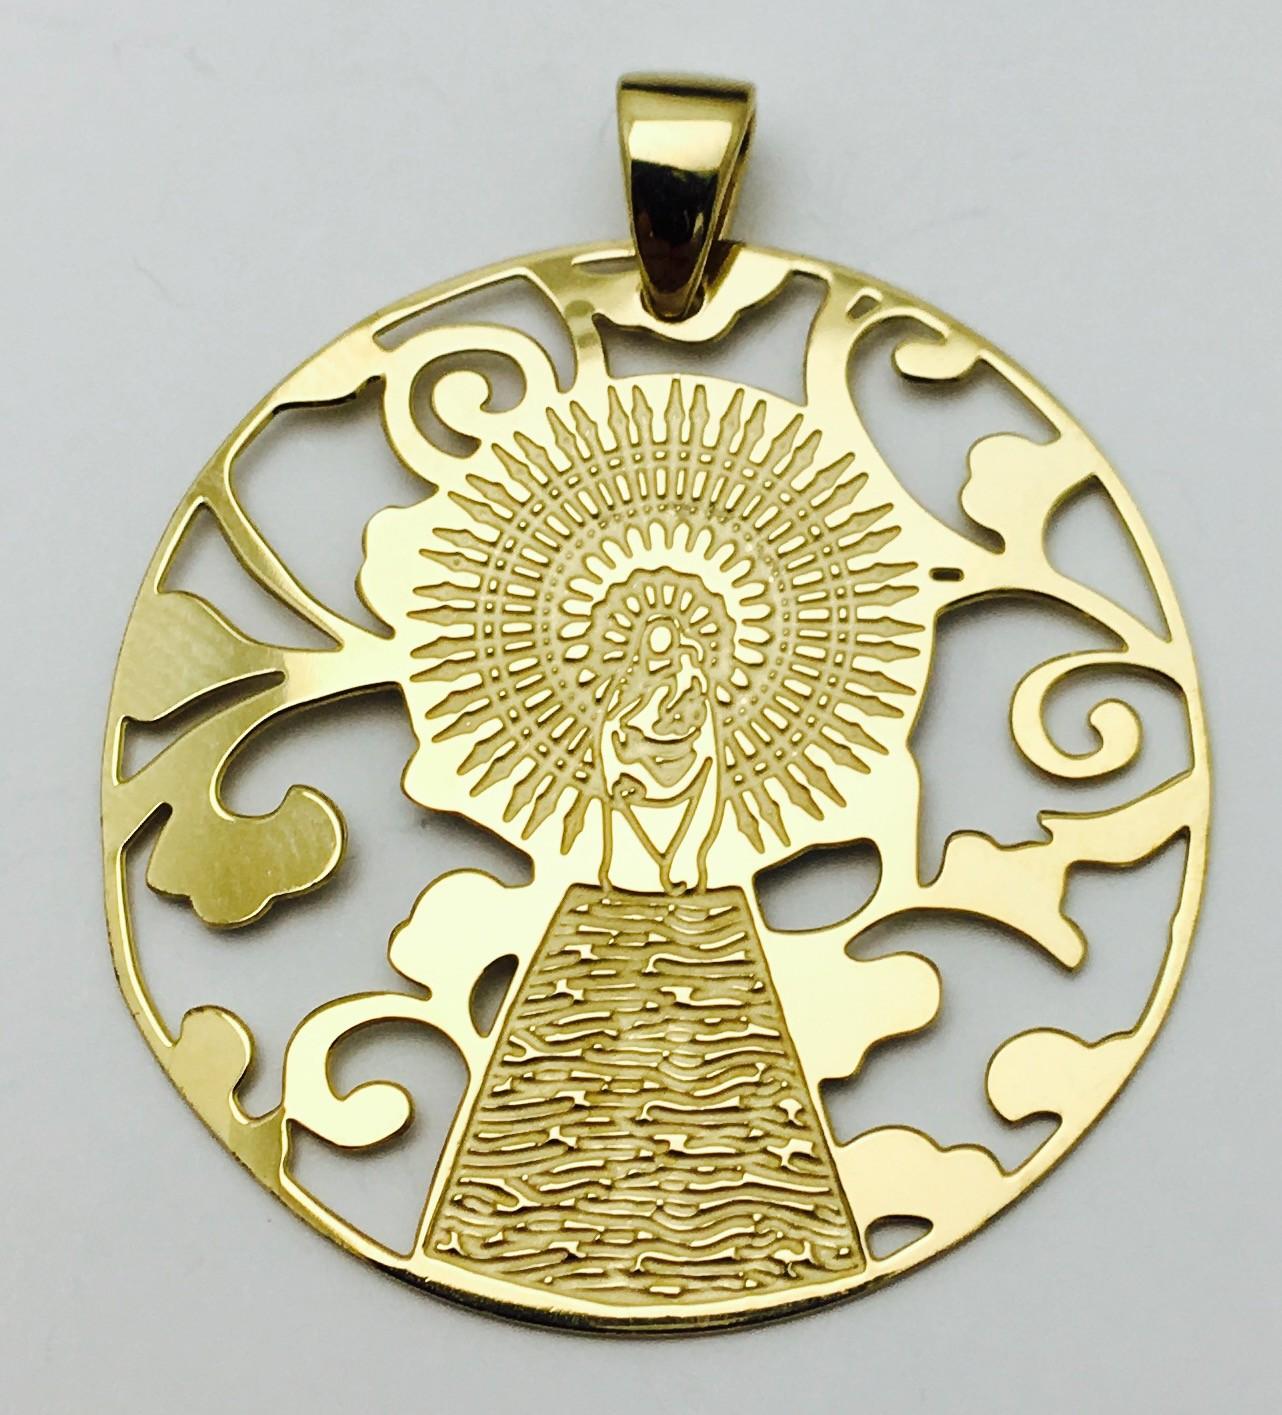 dacc97323e83 Medalla Virgen Pilar en Plata de Ley con baño de oro 25mm - De Bussy Joyas